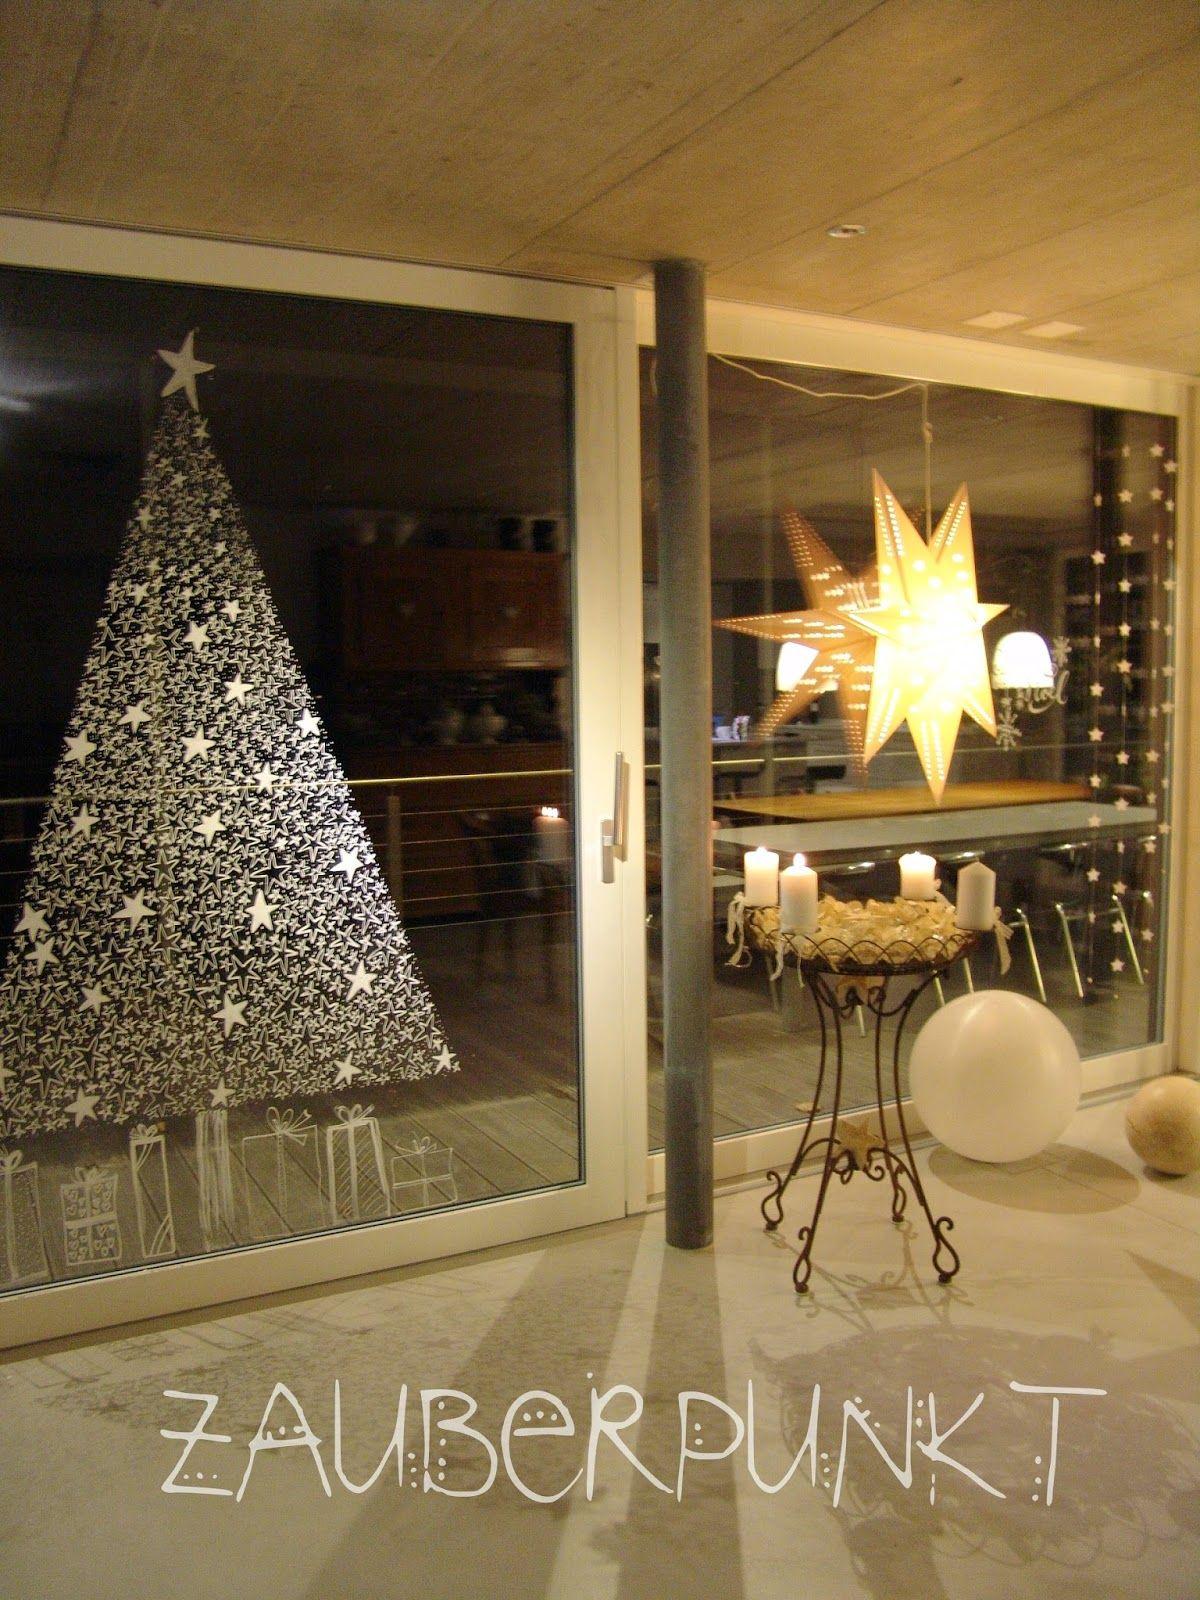 die besten 25 adventsfenster ideen auf pinterest weihnachtsfenster adventsfenster ideen und. Black Bedroom Furniture Sets. Home Design Ideas